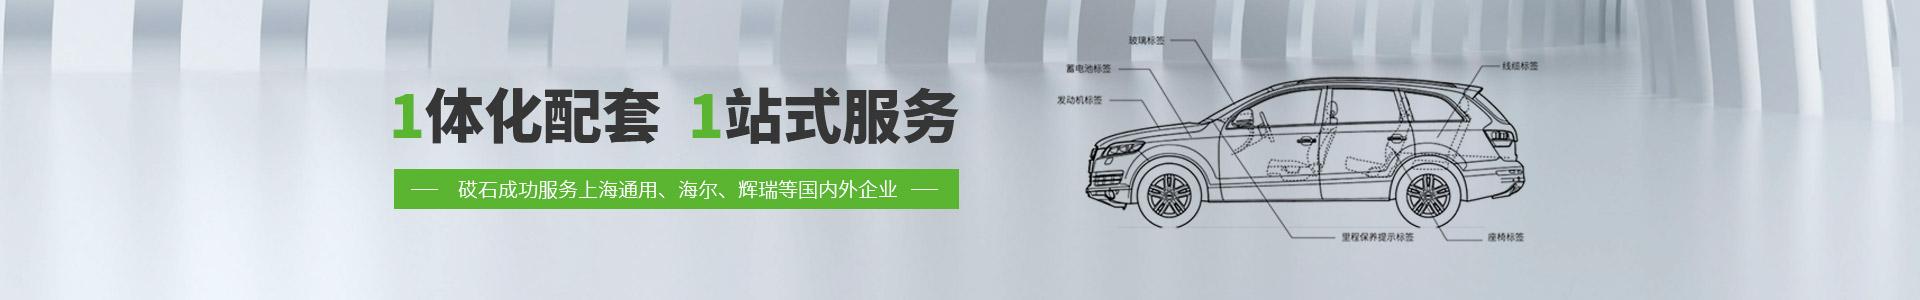 砹石成功服务上海通用、海尔、辉瑞等国内外企业